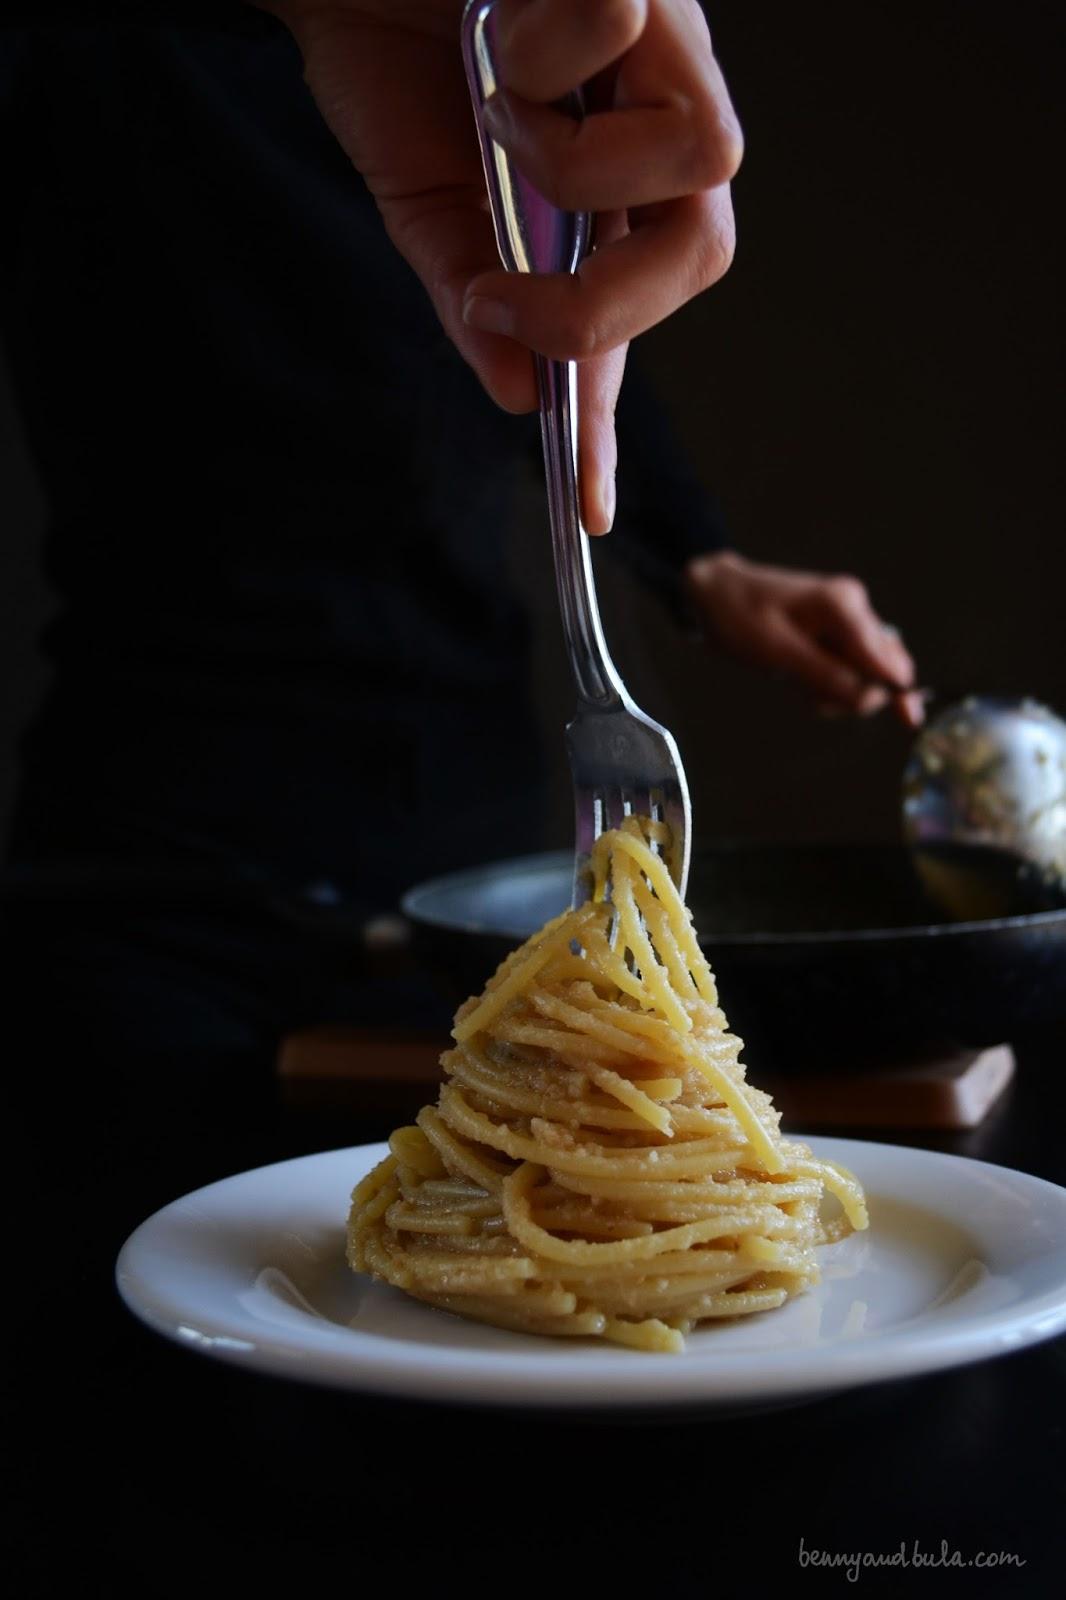 ricetta spaghetti con pangrattato e acciughe/bread crumbs and anchovies pasta recipe